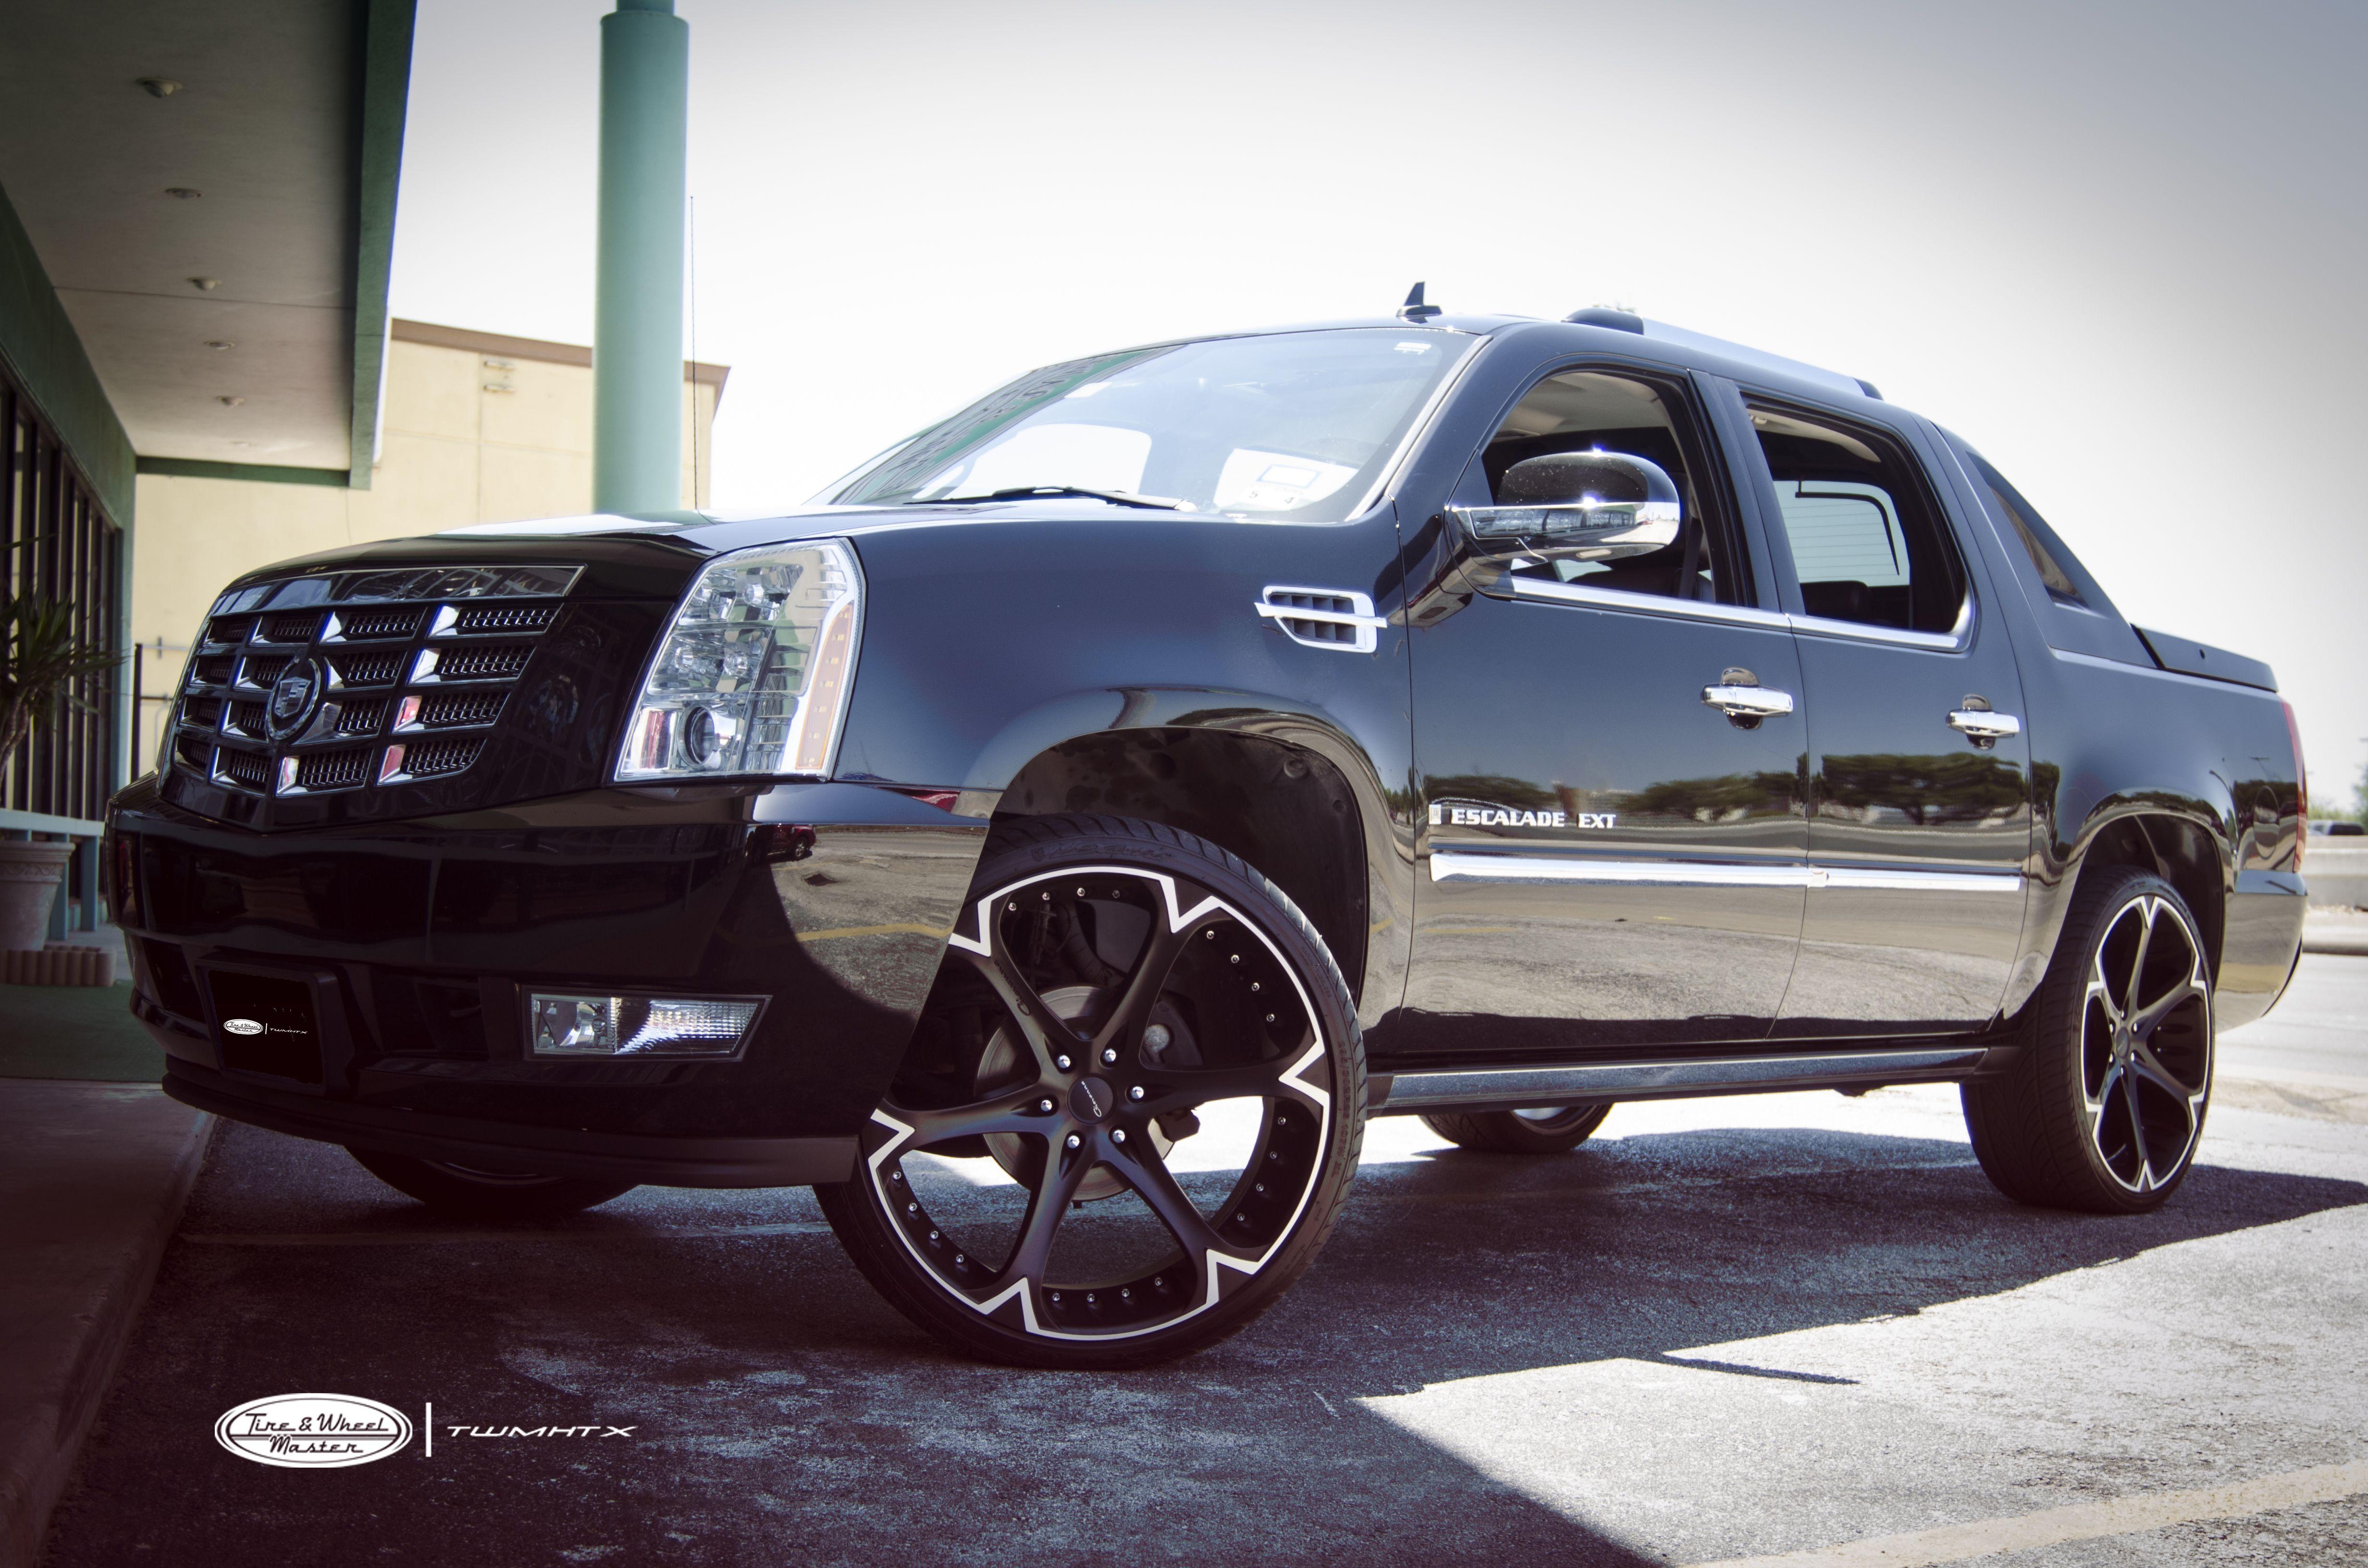 Black Cadillac Escalade Ext With 26 Inch Giovanna Wheels Dalar 6v Machined